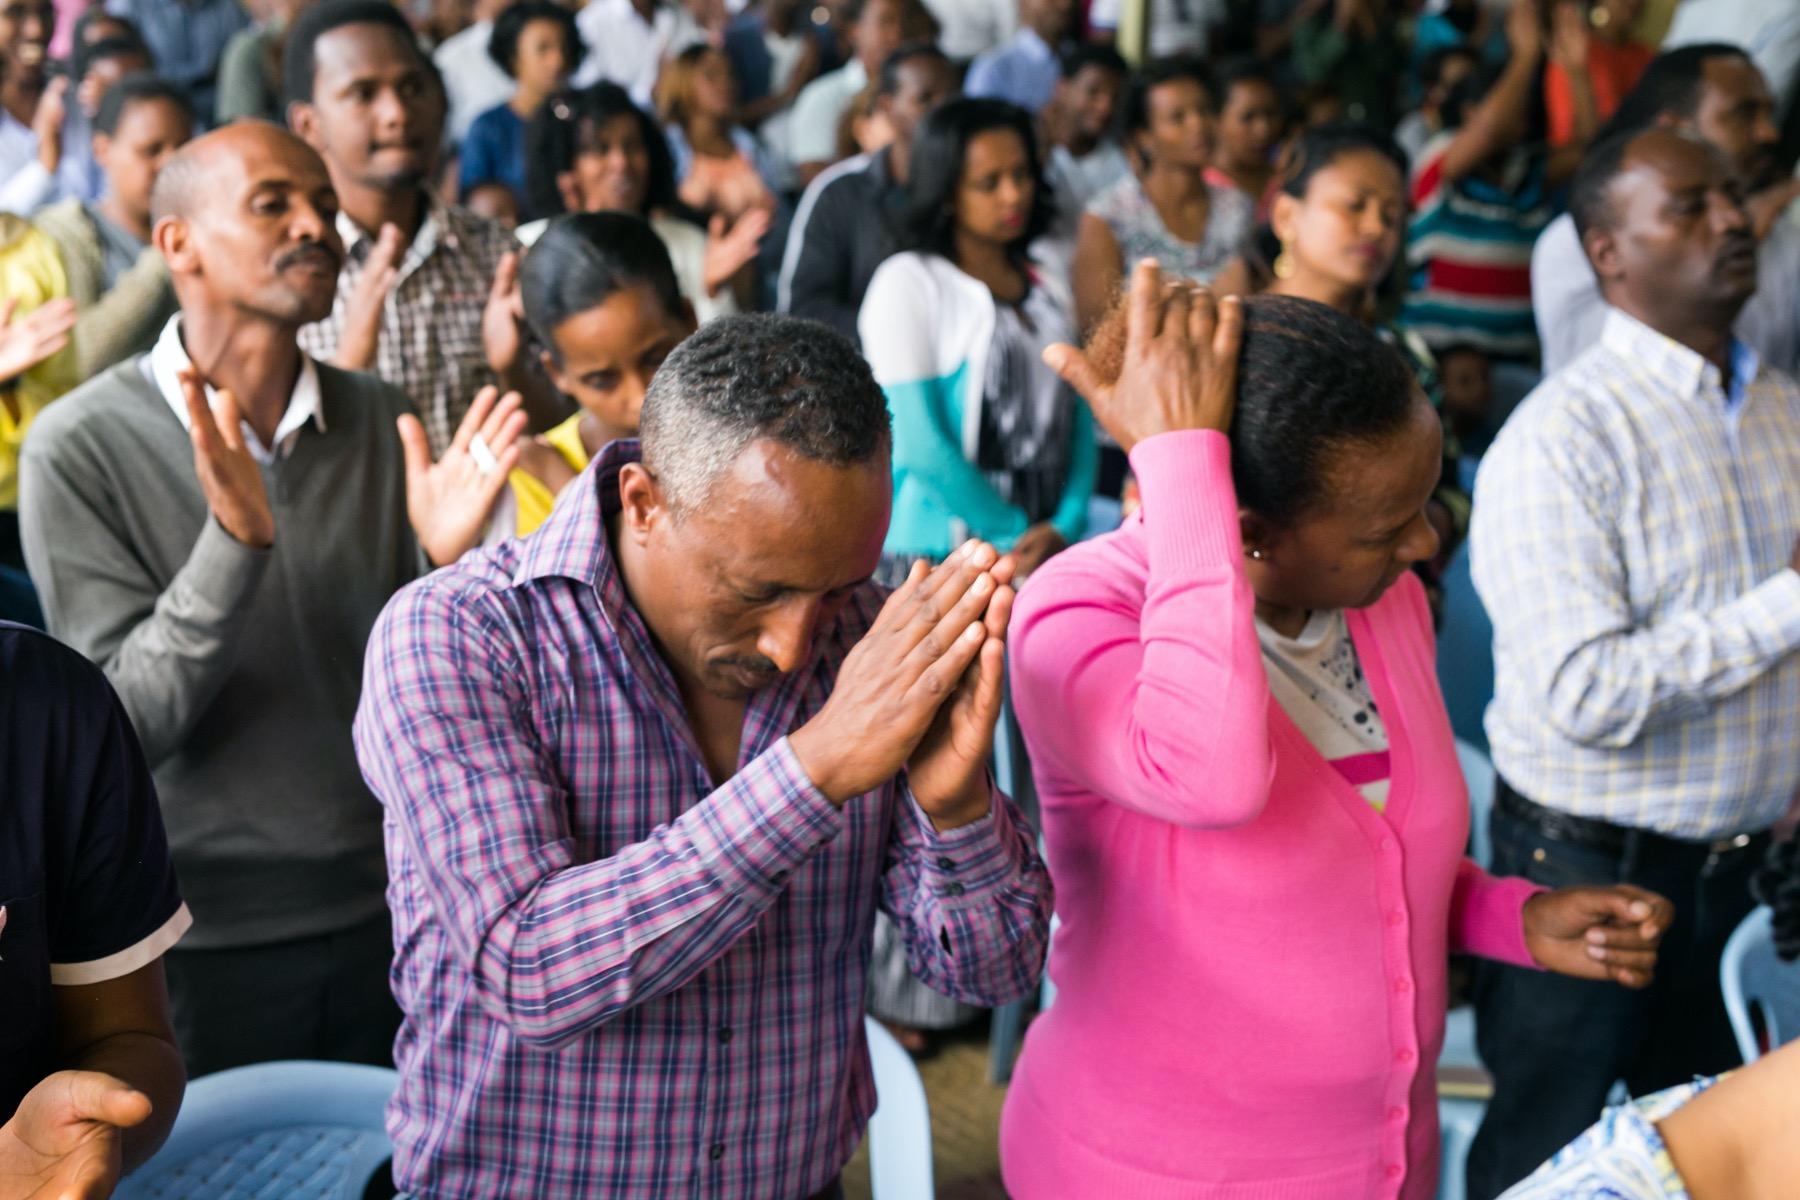 Church in Addis Ababa